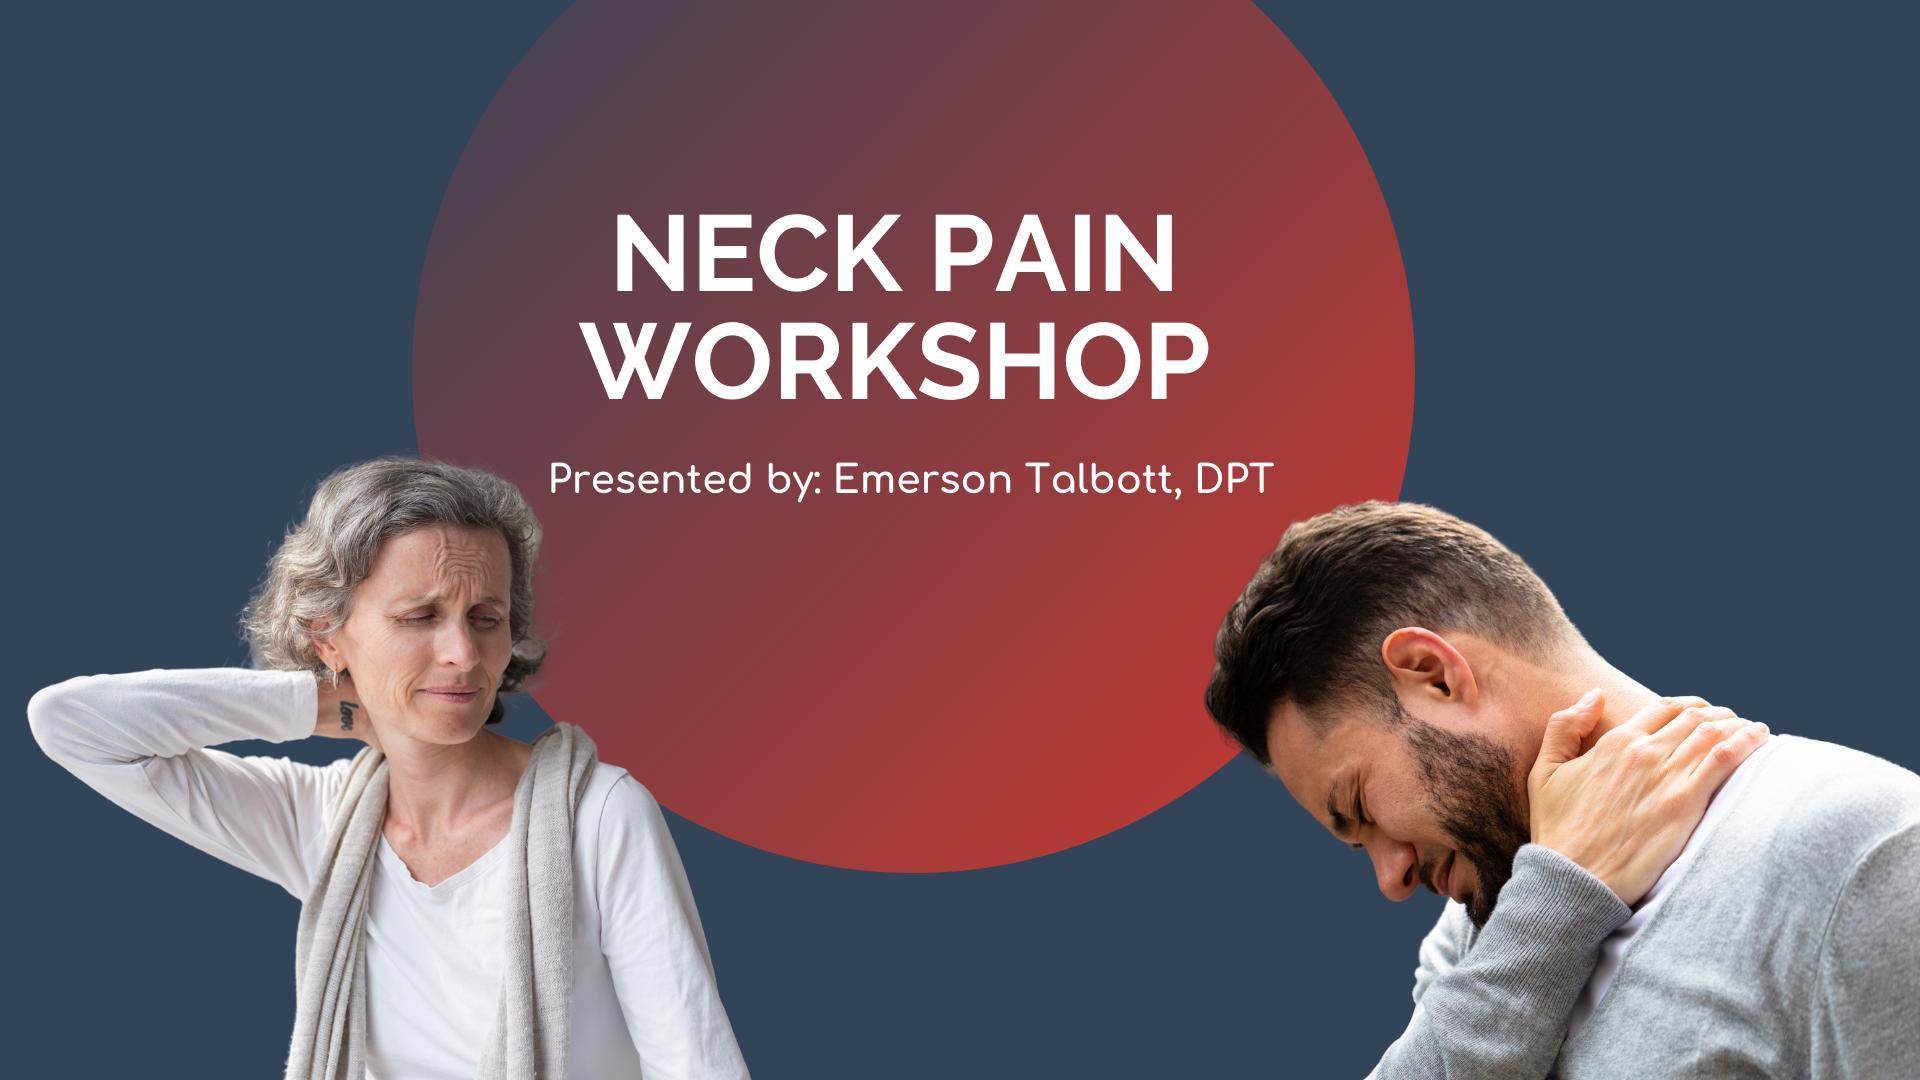 neck pain workshop